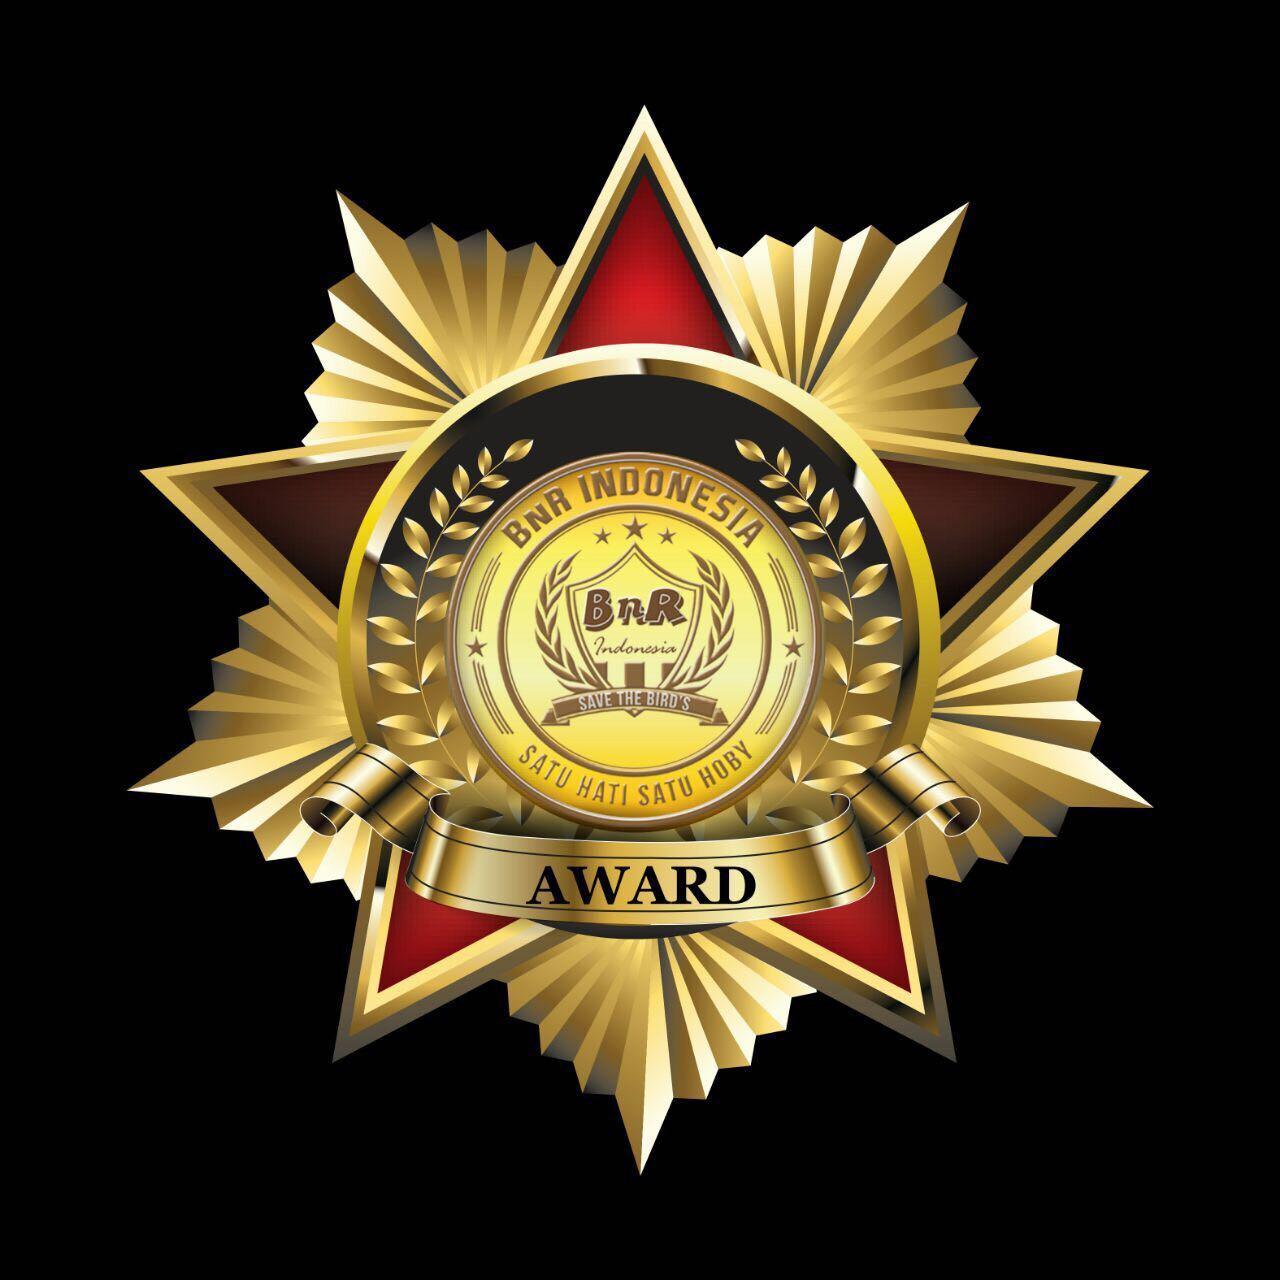 Pendaftaran BnR Award Ditutup Sementara